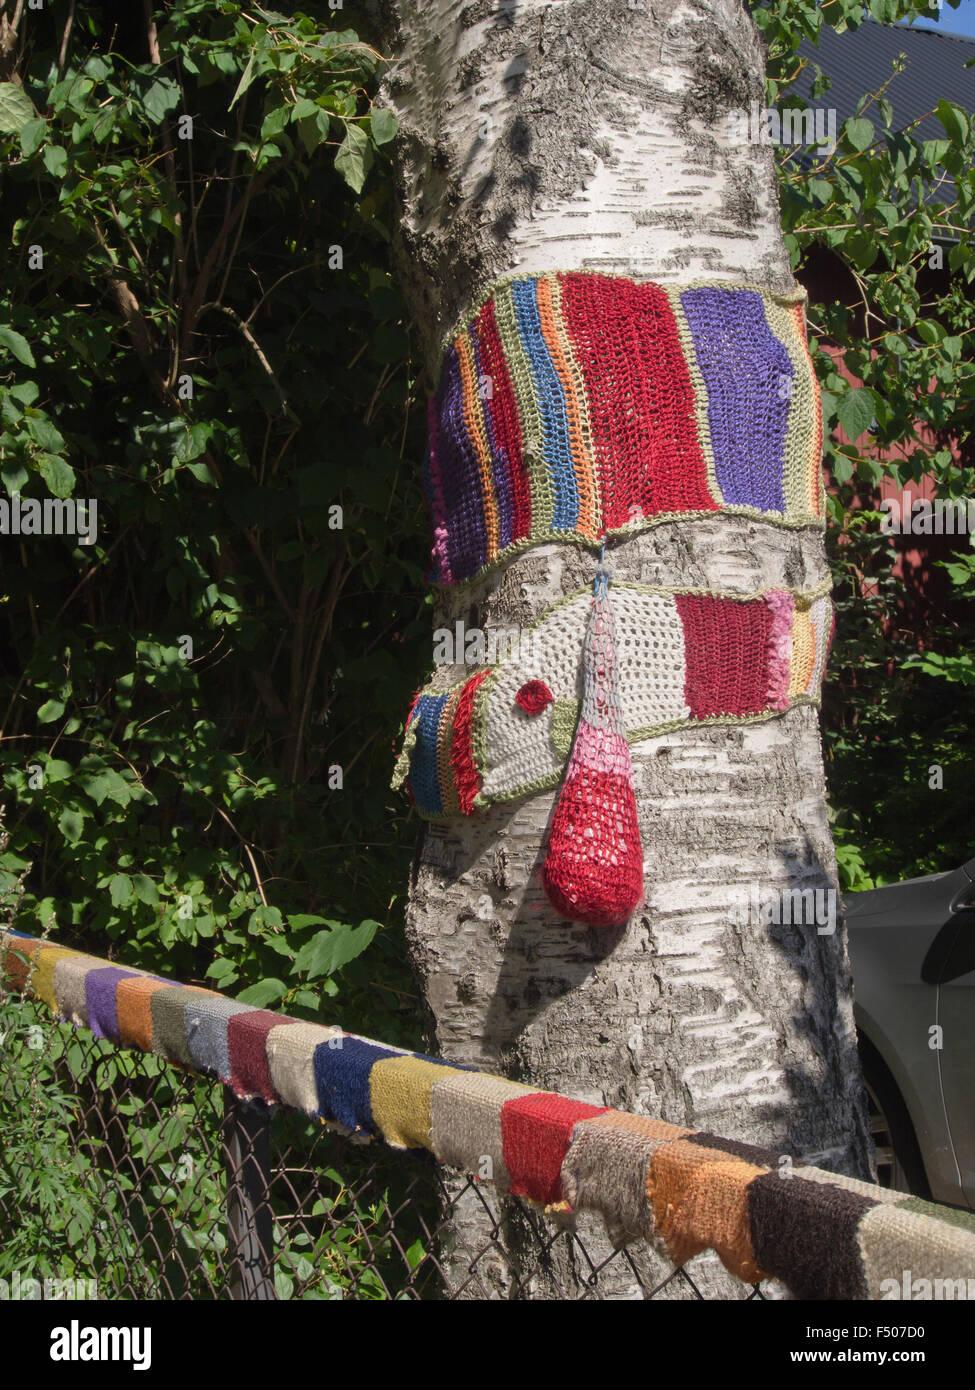 Häkeln Und Stricken Auf Baum Und Wire Mesh Zaun Nach Hause Basteln